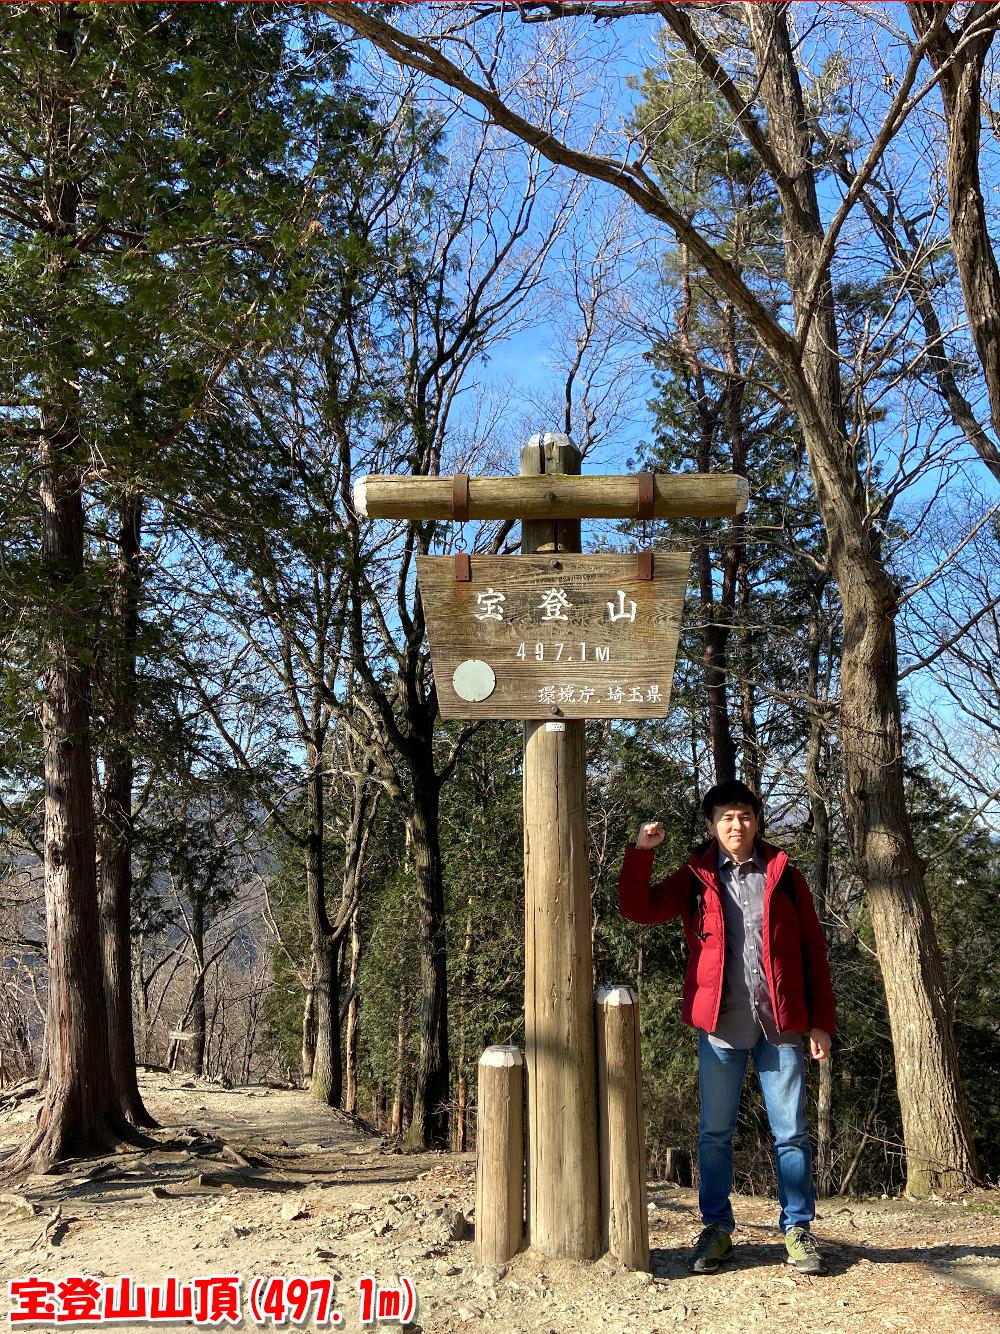 宝登山山頂(497.1m)